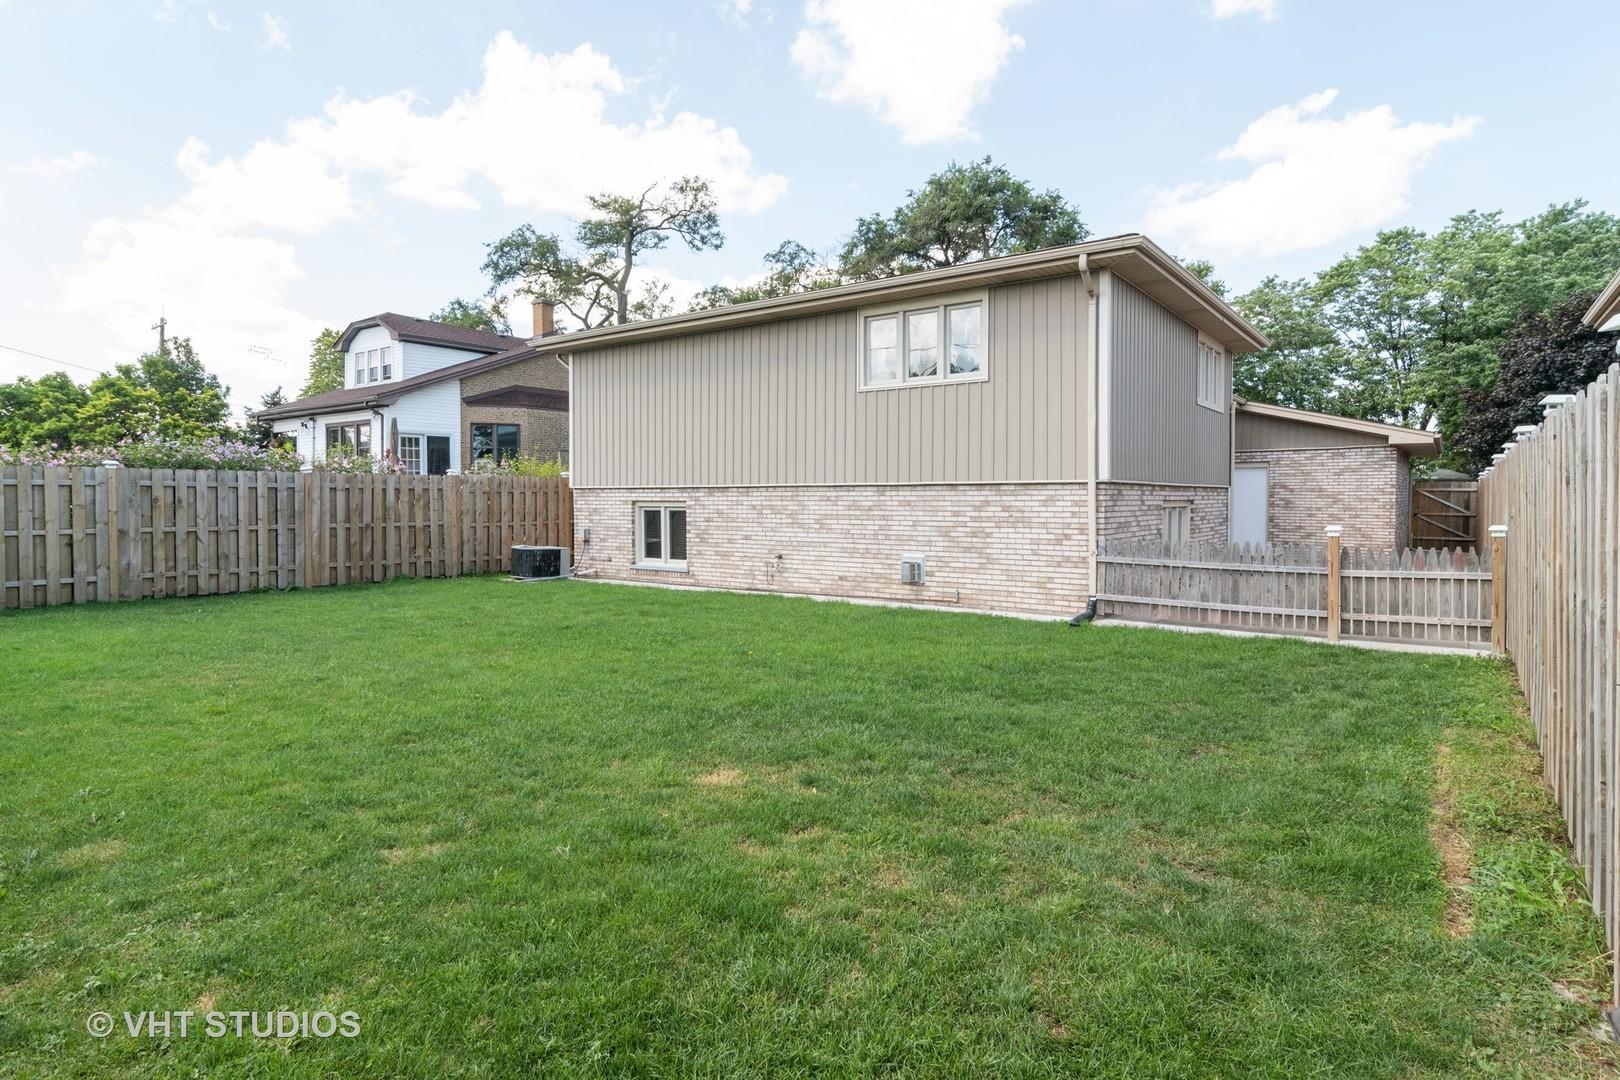 4105 Denley, Schiller Park, Illinois, 60176